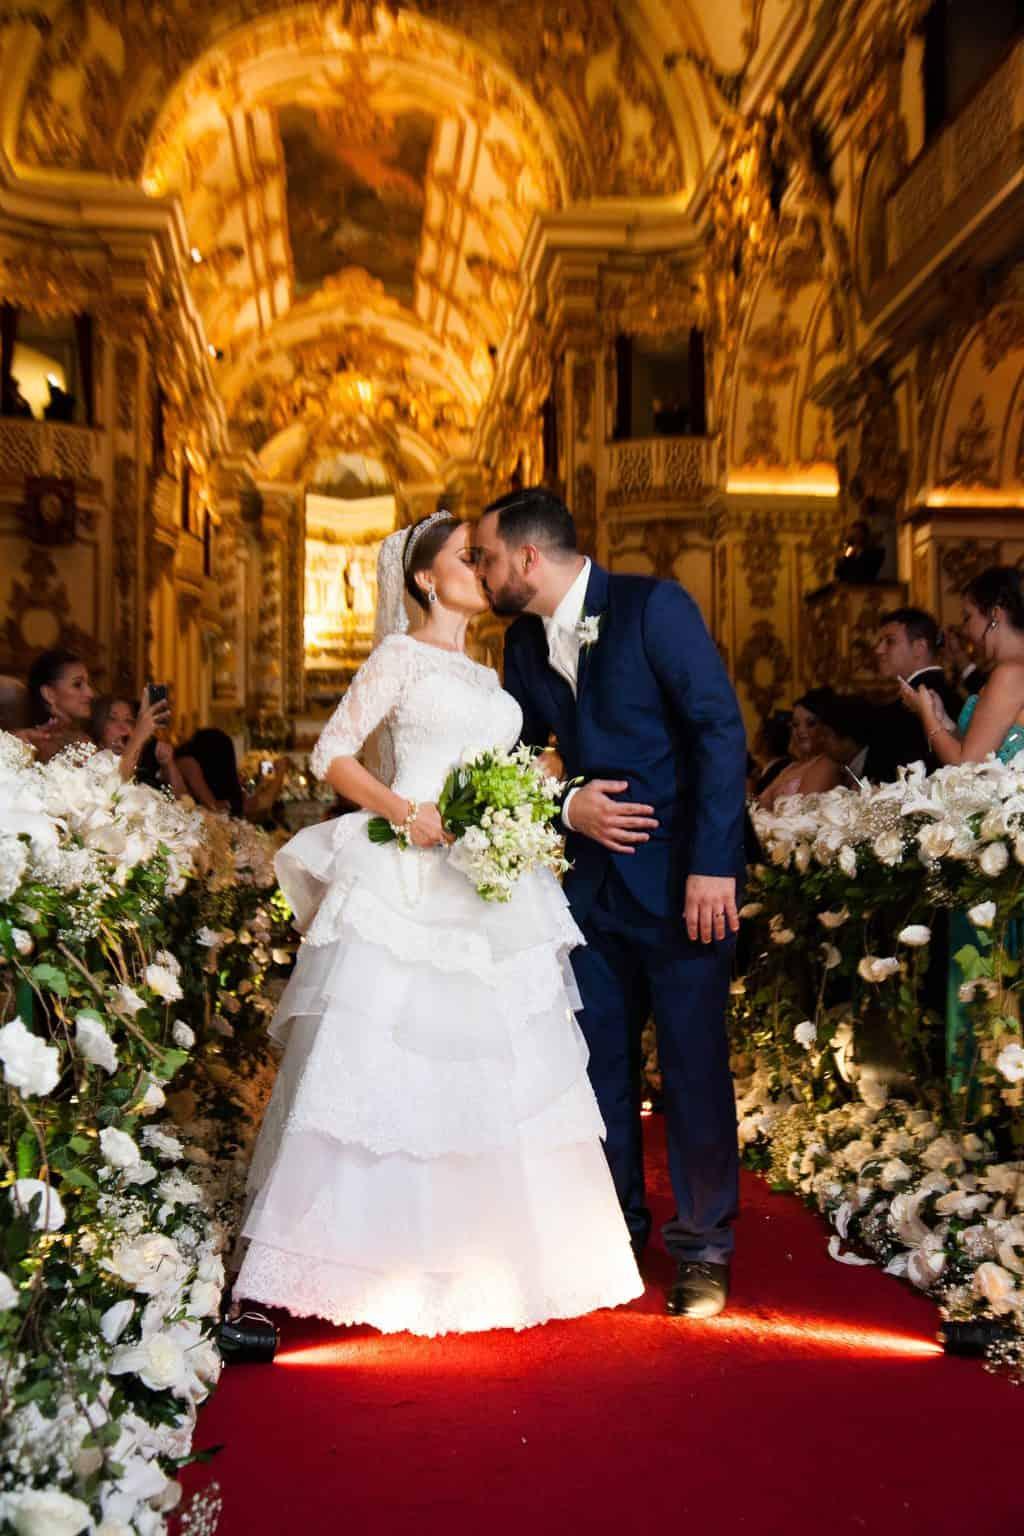 Casamento-Clássico-Casamento-tradicional-Cerimônia-Copacabana-Palace-Monica-Roias-Ribas-Foto-e-Vídeo-Tuanny-e-Bernardo-CaseMe-22